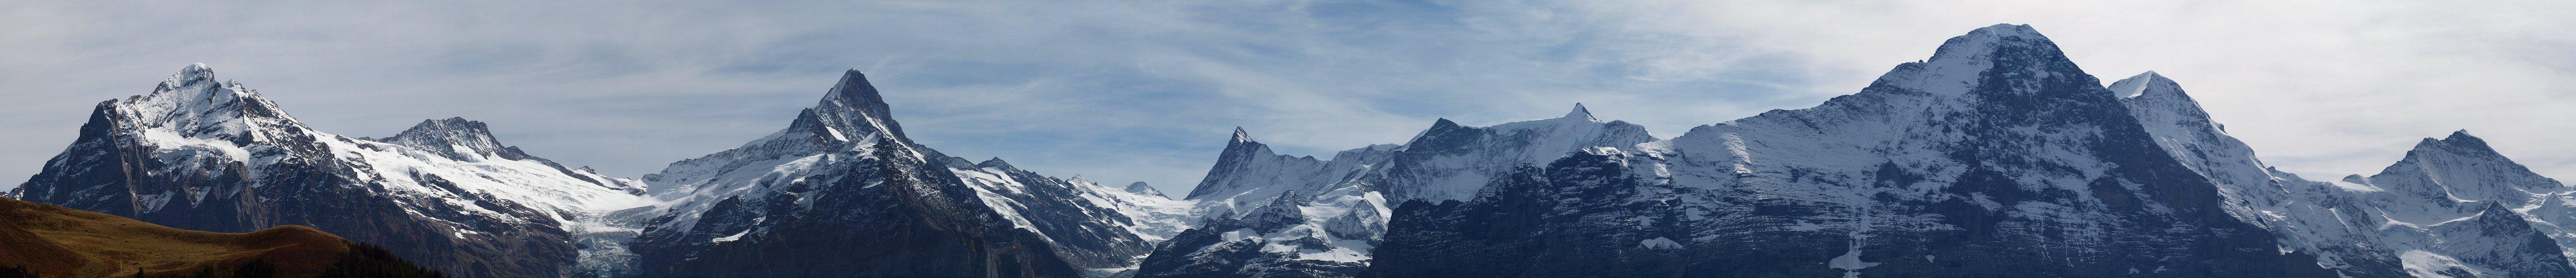 Burg ob Grindelwald